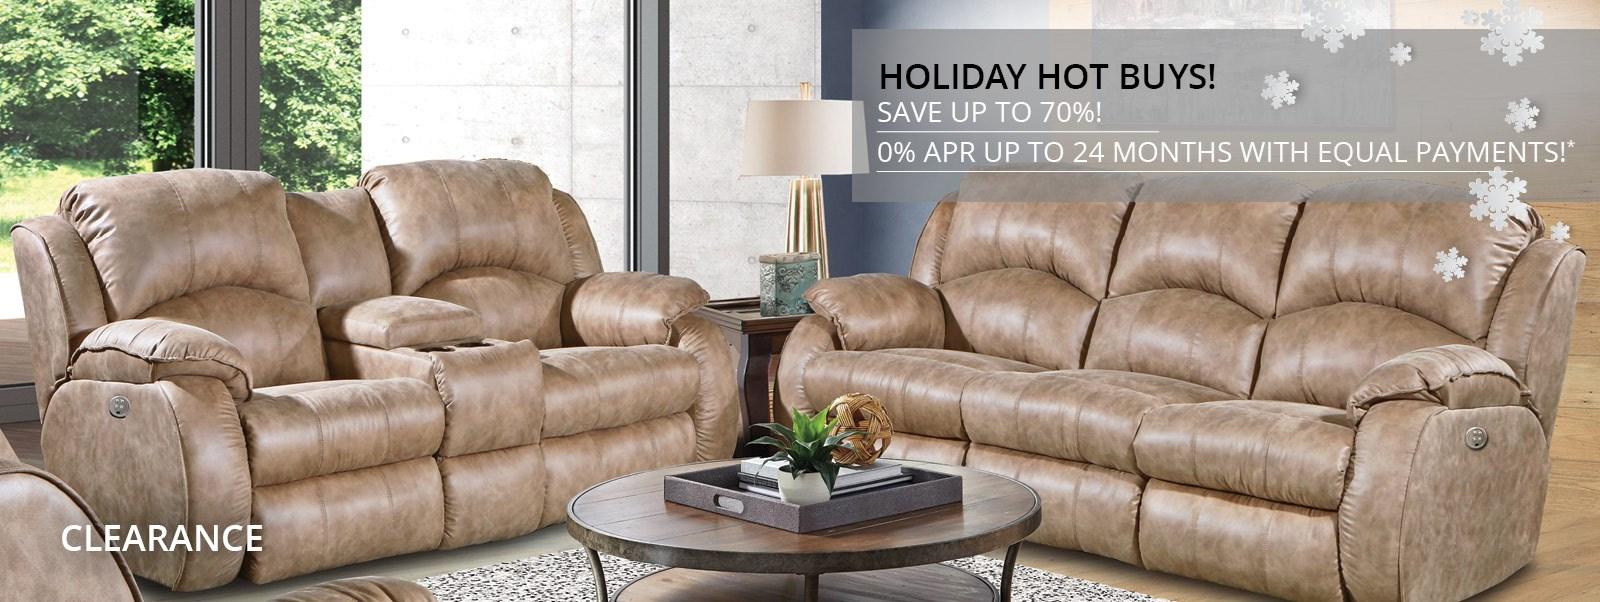 Holiday Hot Buy